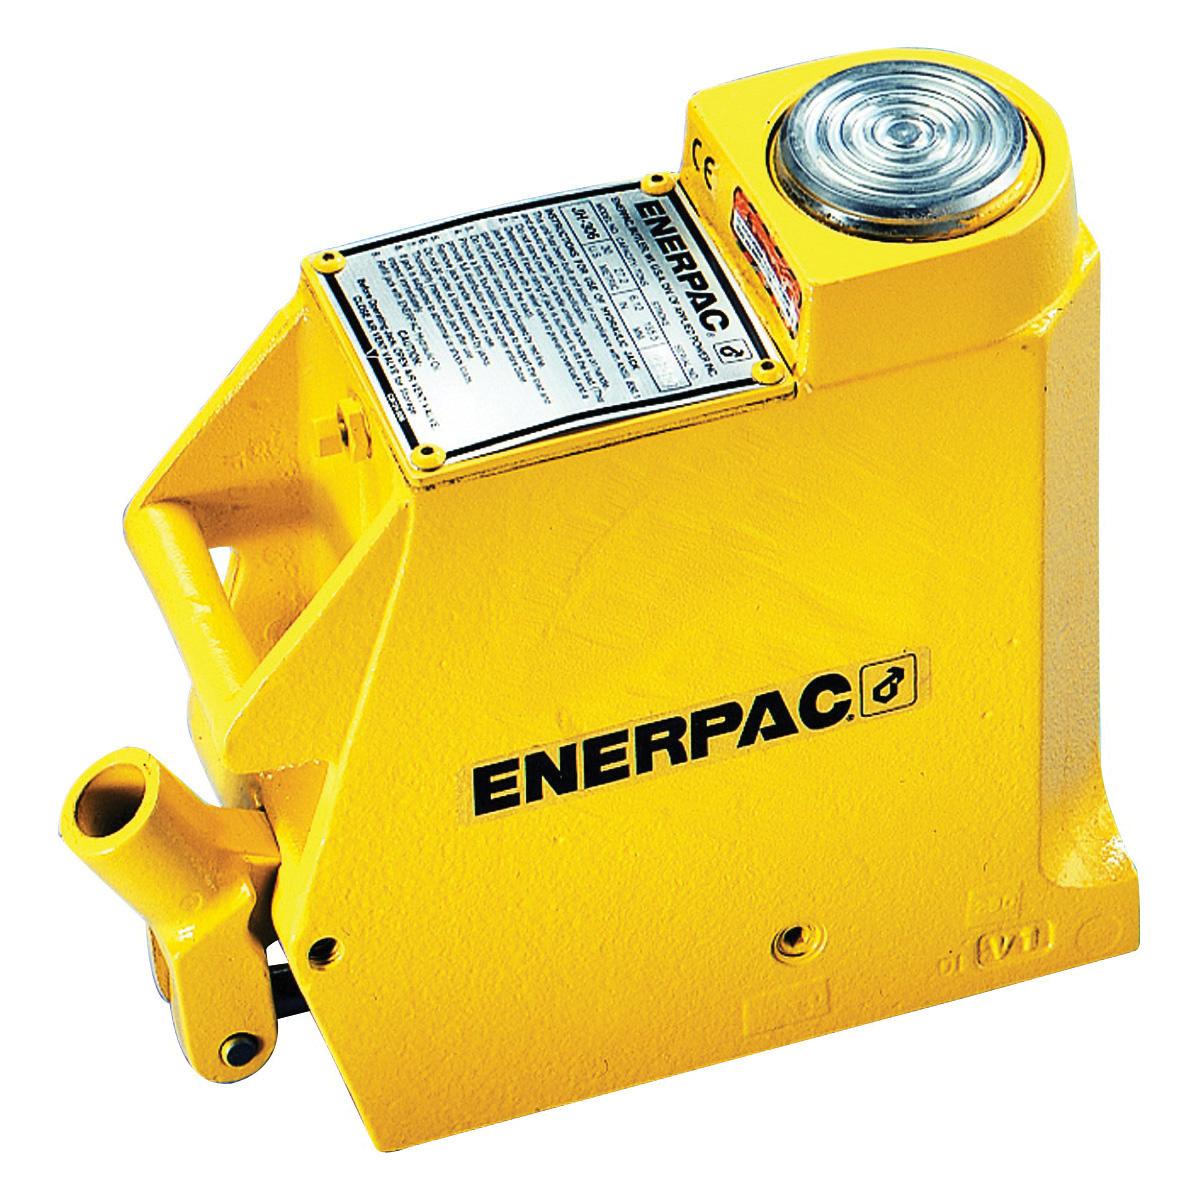 Enerpac® JHA-73